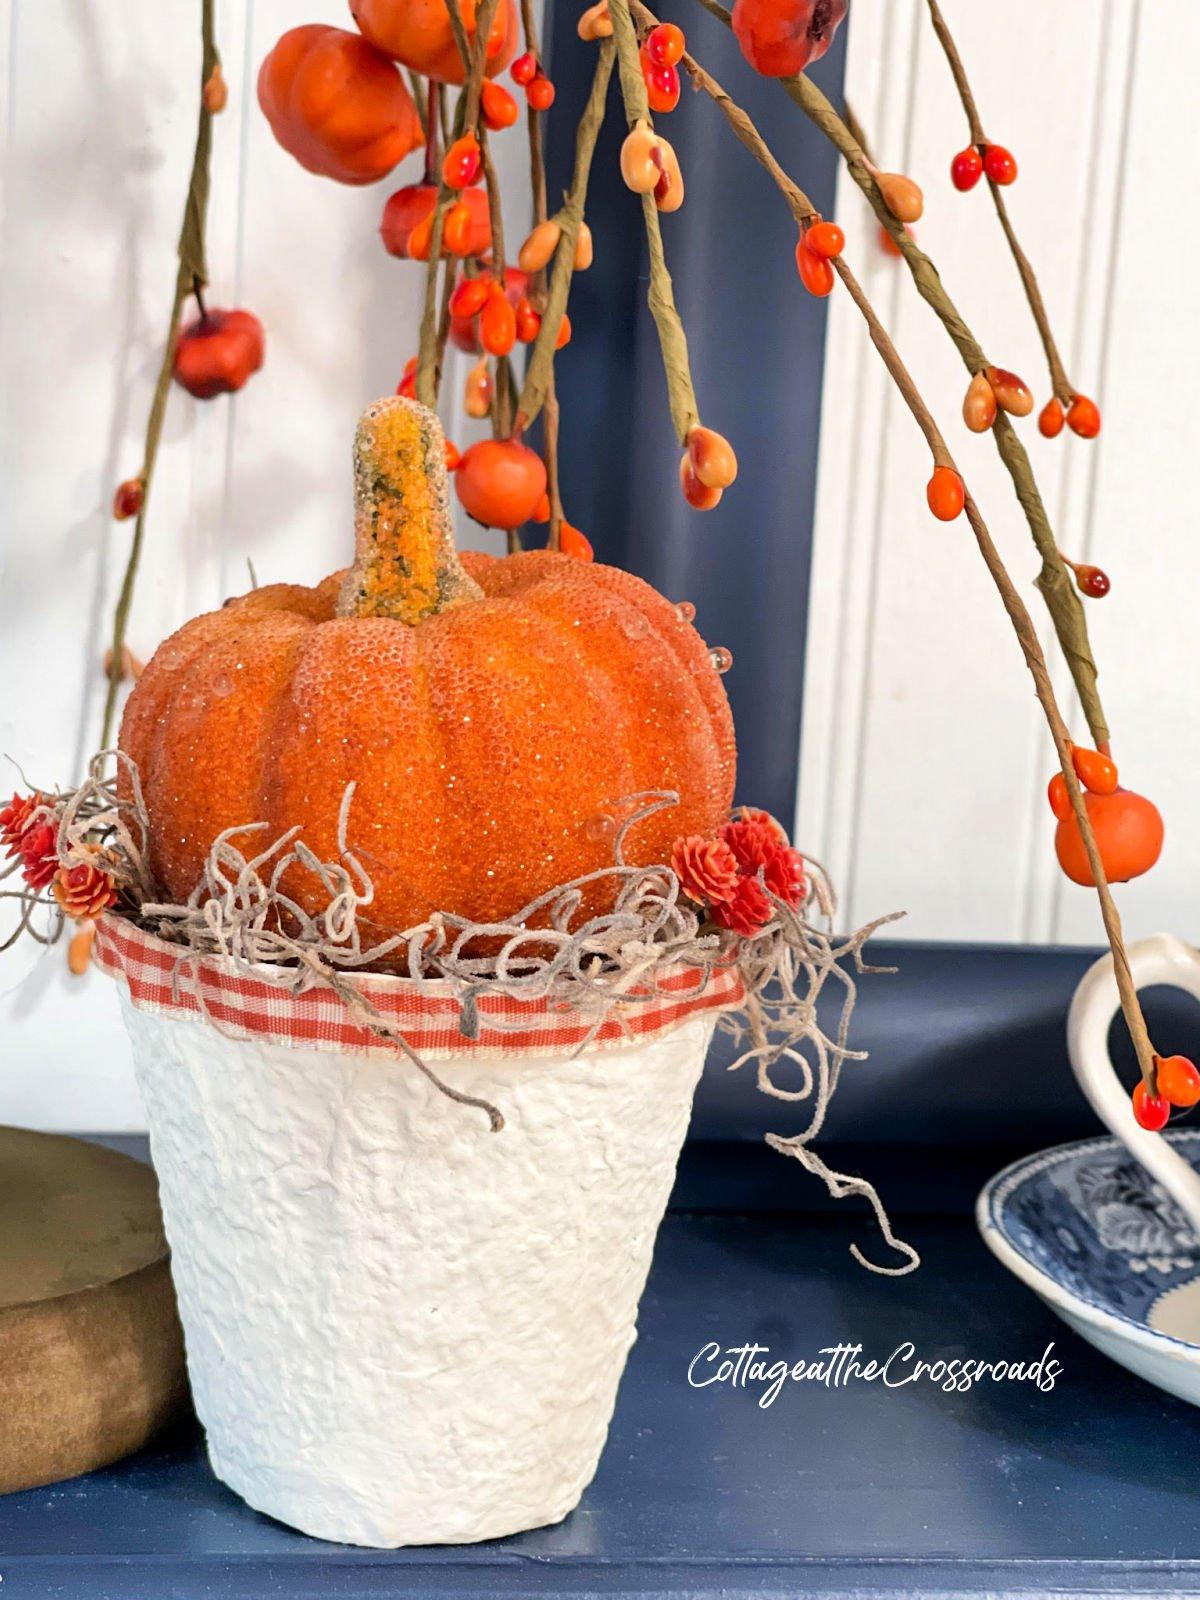 orange pumpkin in a peat pot holder